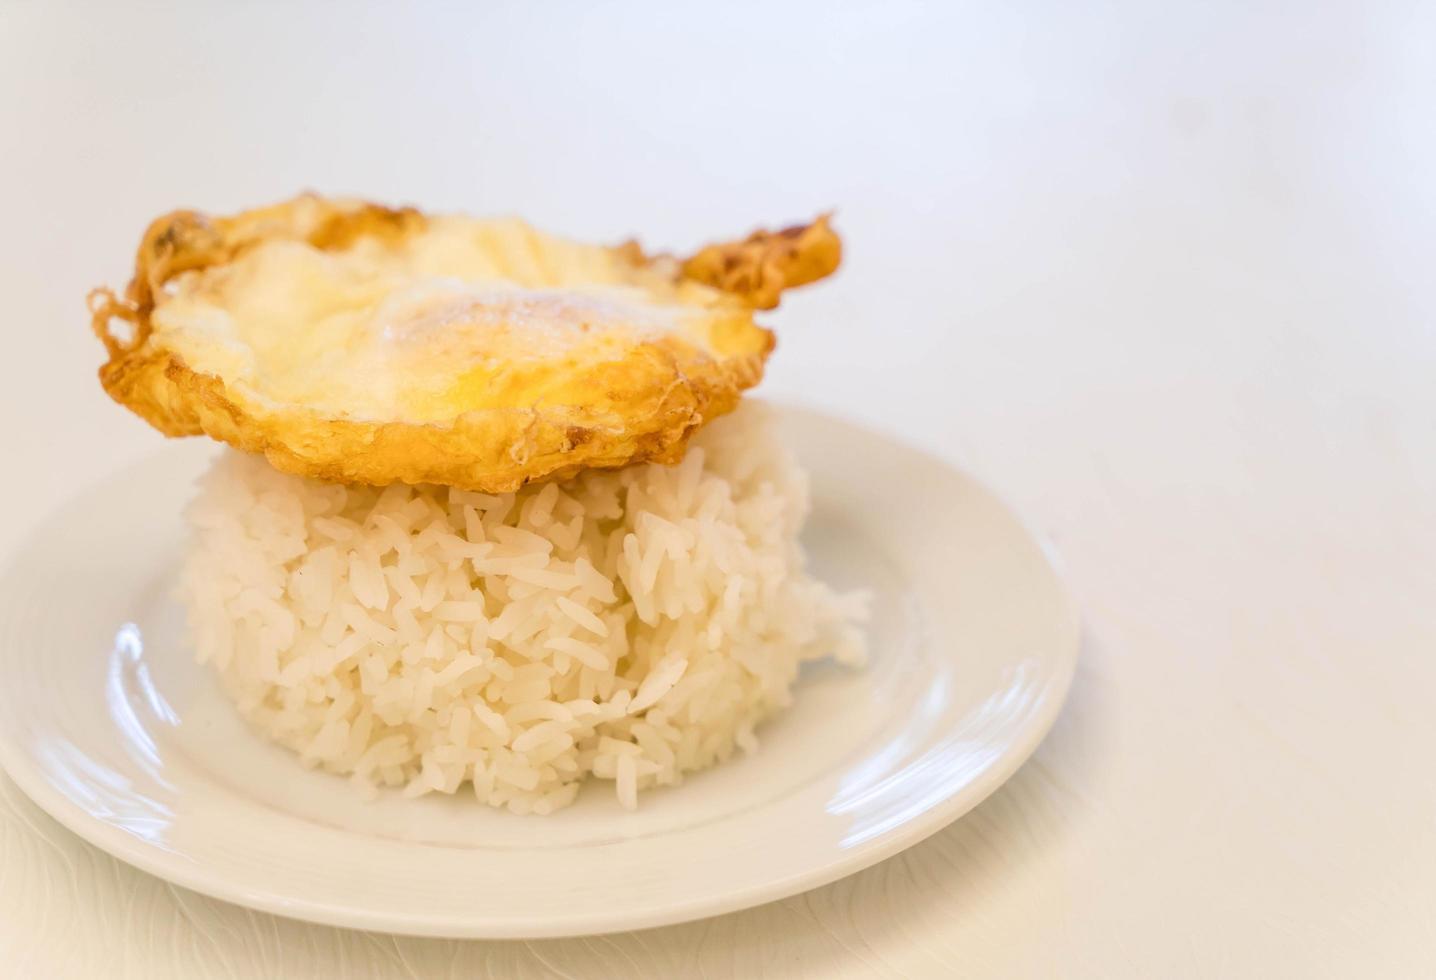 oeuf au plat avec du riz sur table photo